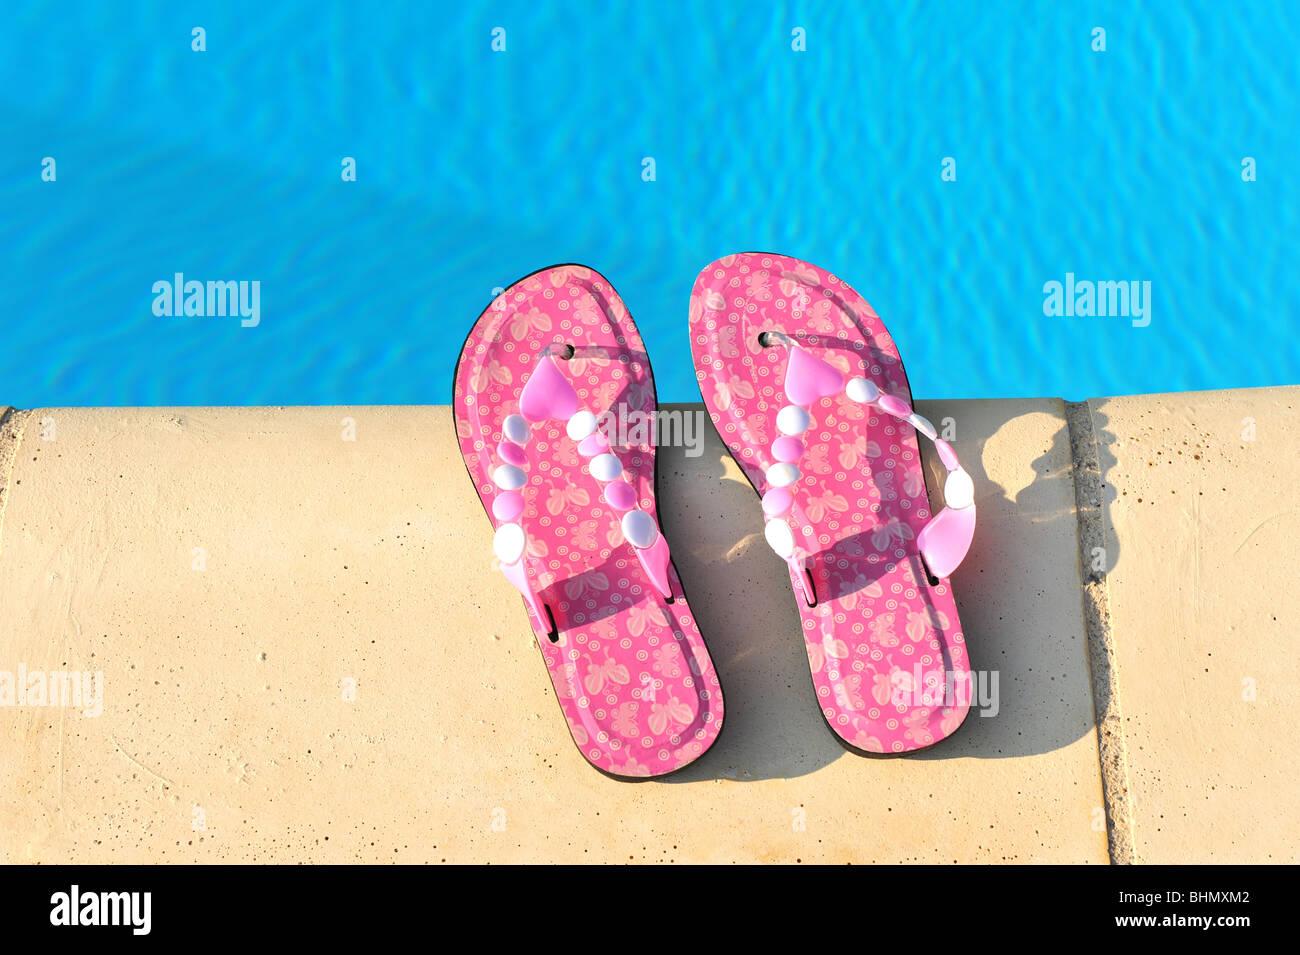 Attraente rosa flip flop sul bordo della piscina. Foto Stock